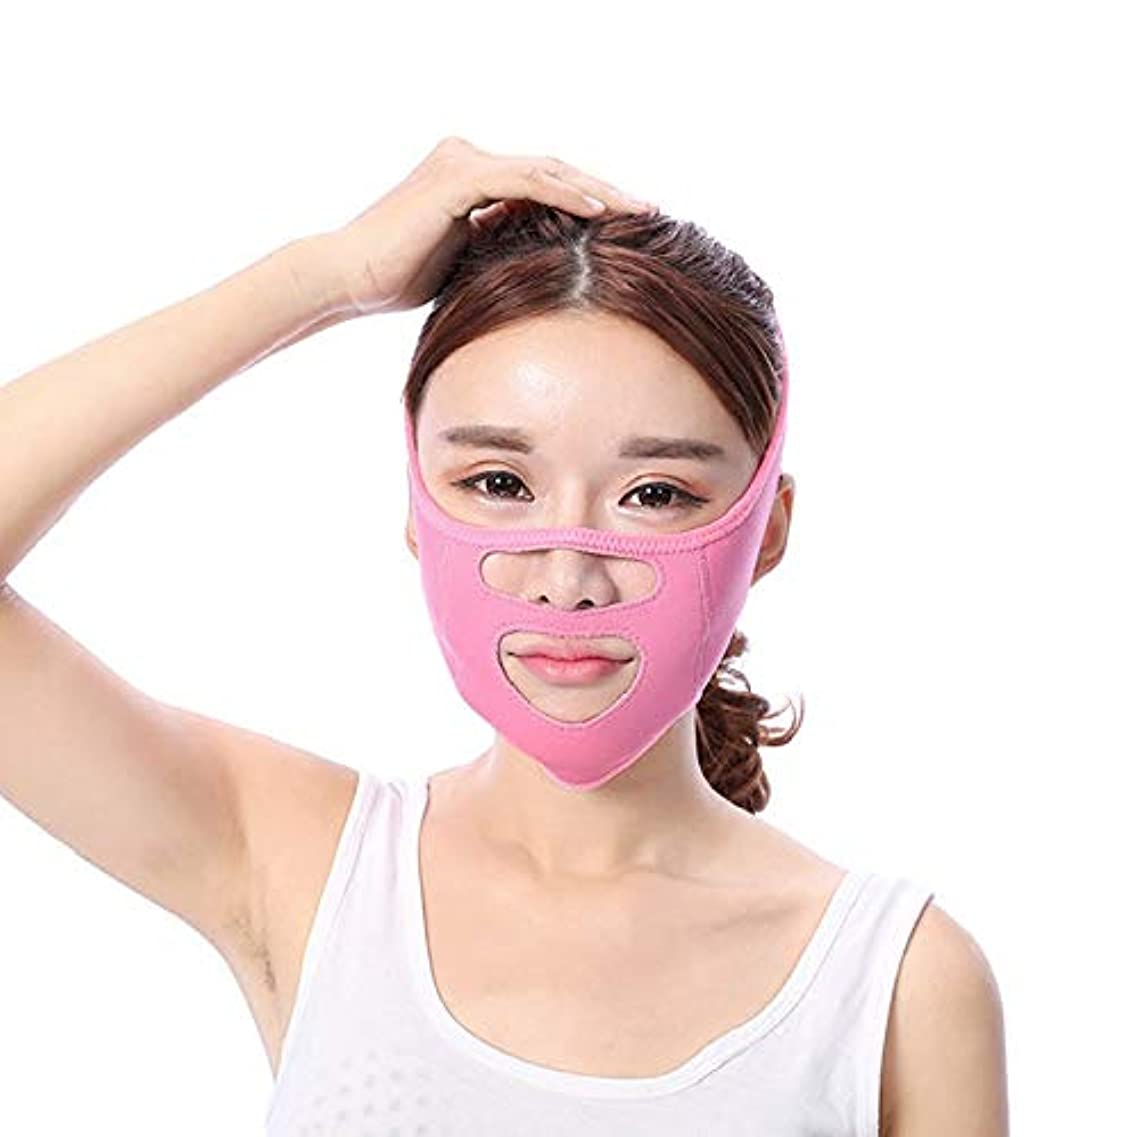 技術者原点後方GYZ 顔の持ち上がる痩身ベルト - あなたの顔のための素晴らしいトレーニング二重あごのワークアウトフェイスマスクベルト薄い顔包帯整形マスクは顔と首を締めますフェイススリム Thin Face Belt